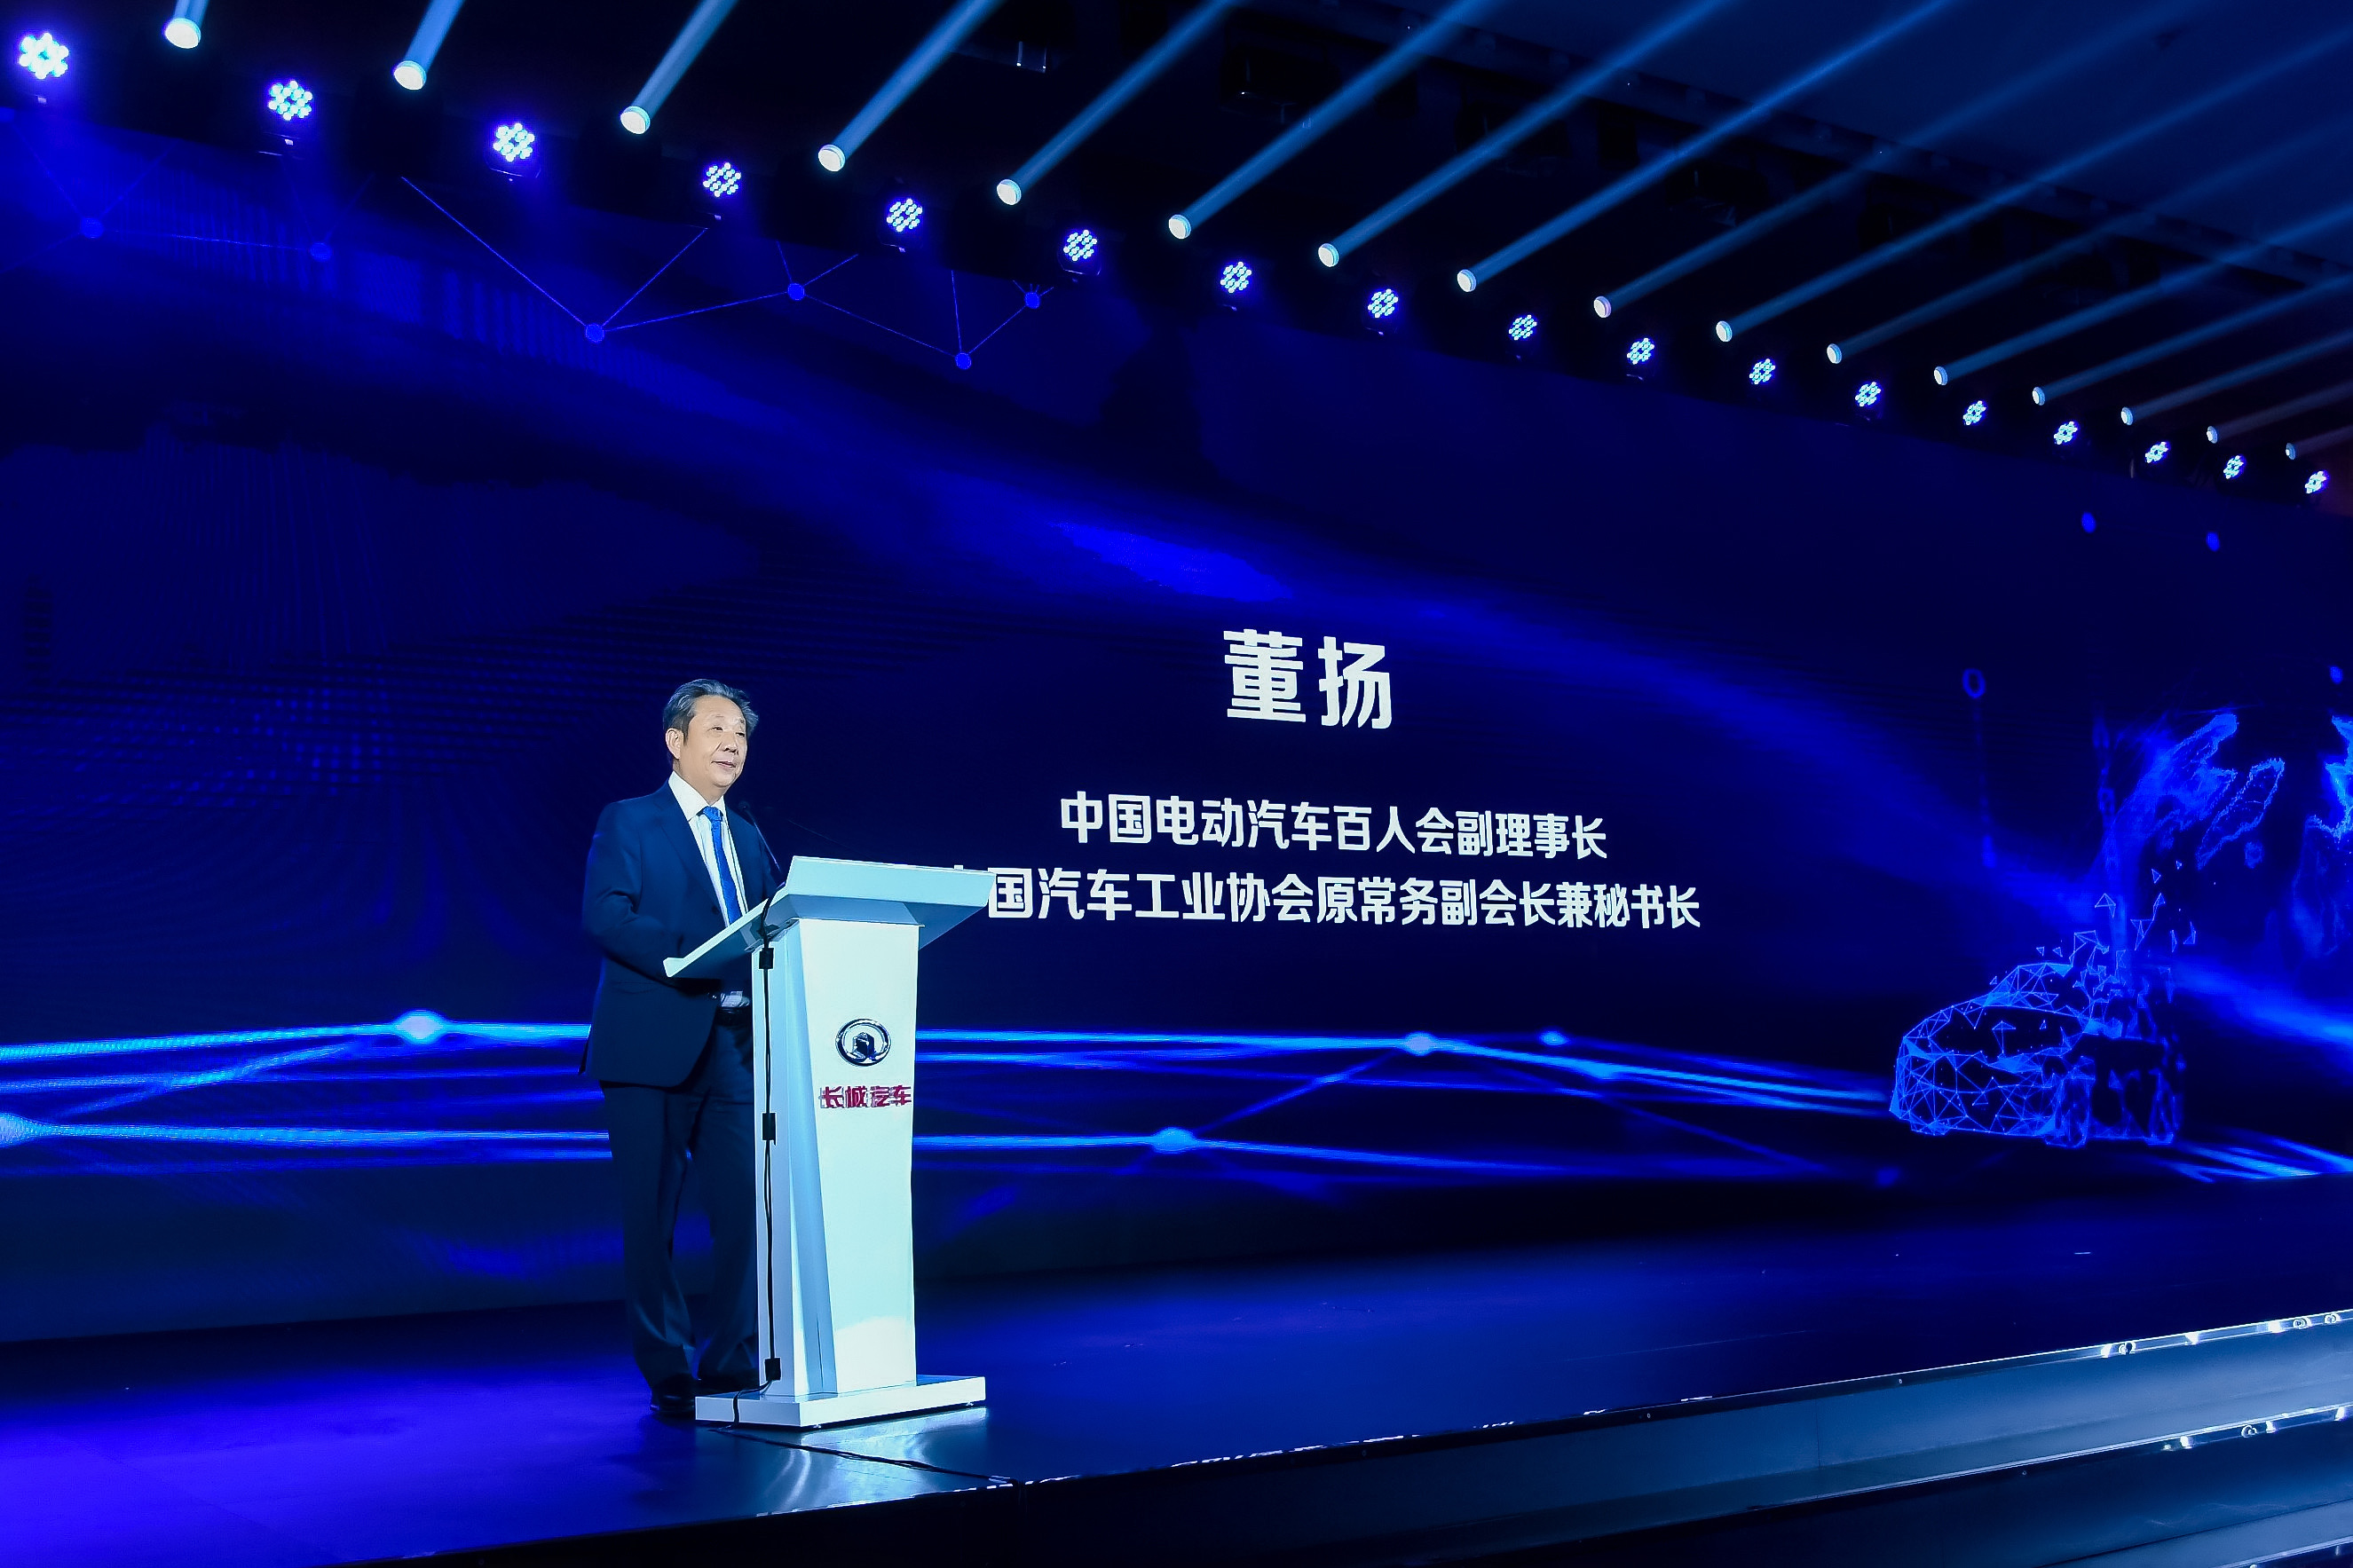 新机遇 新生态 中国汽车产业发展高峰论坛在长城汽车成功举办